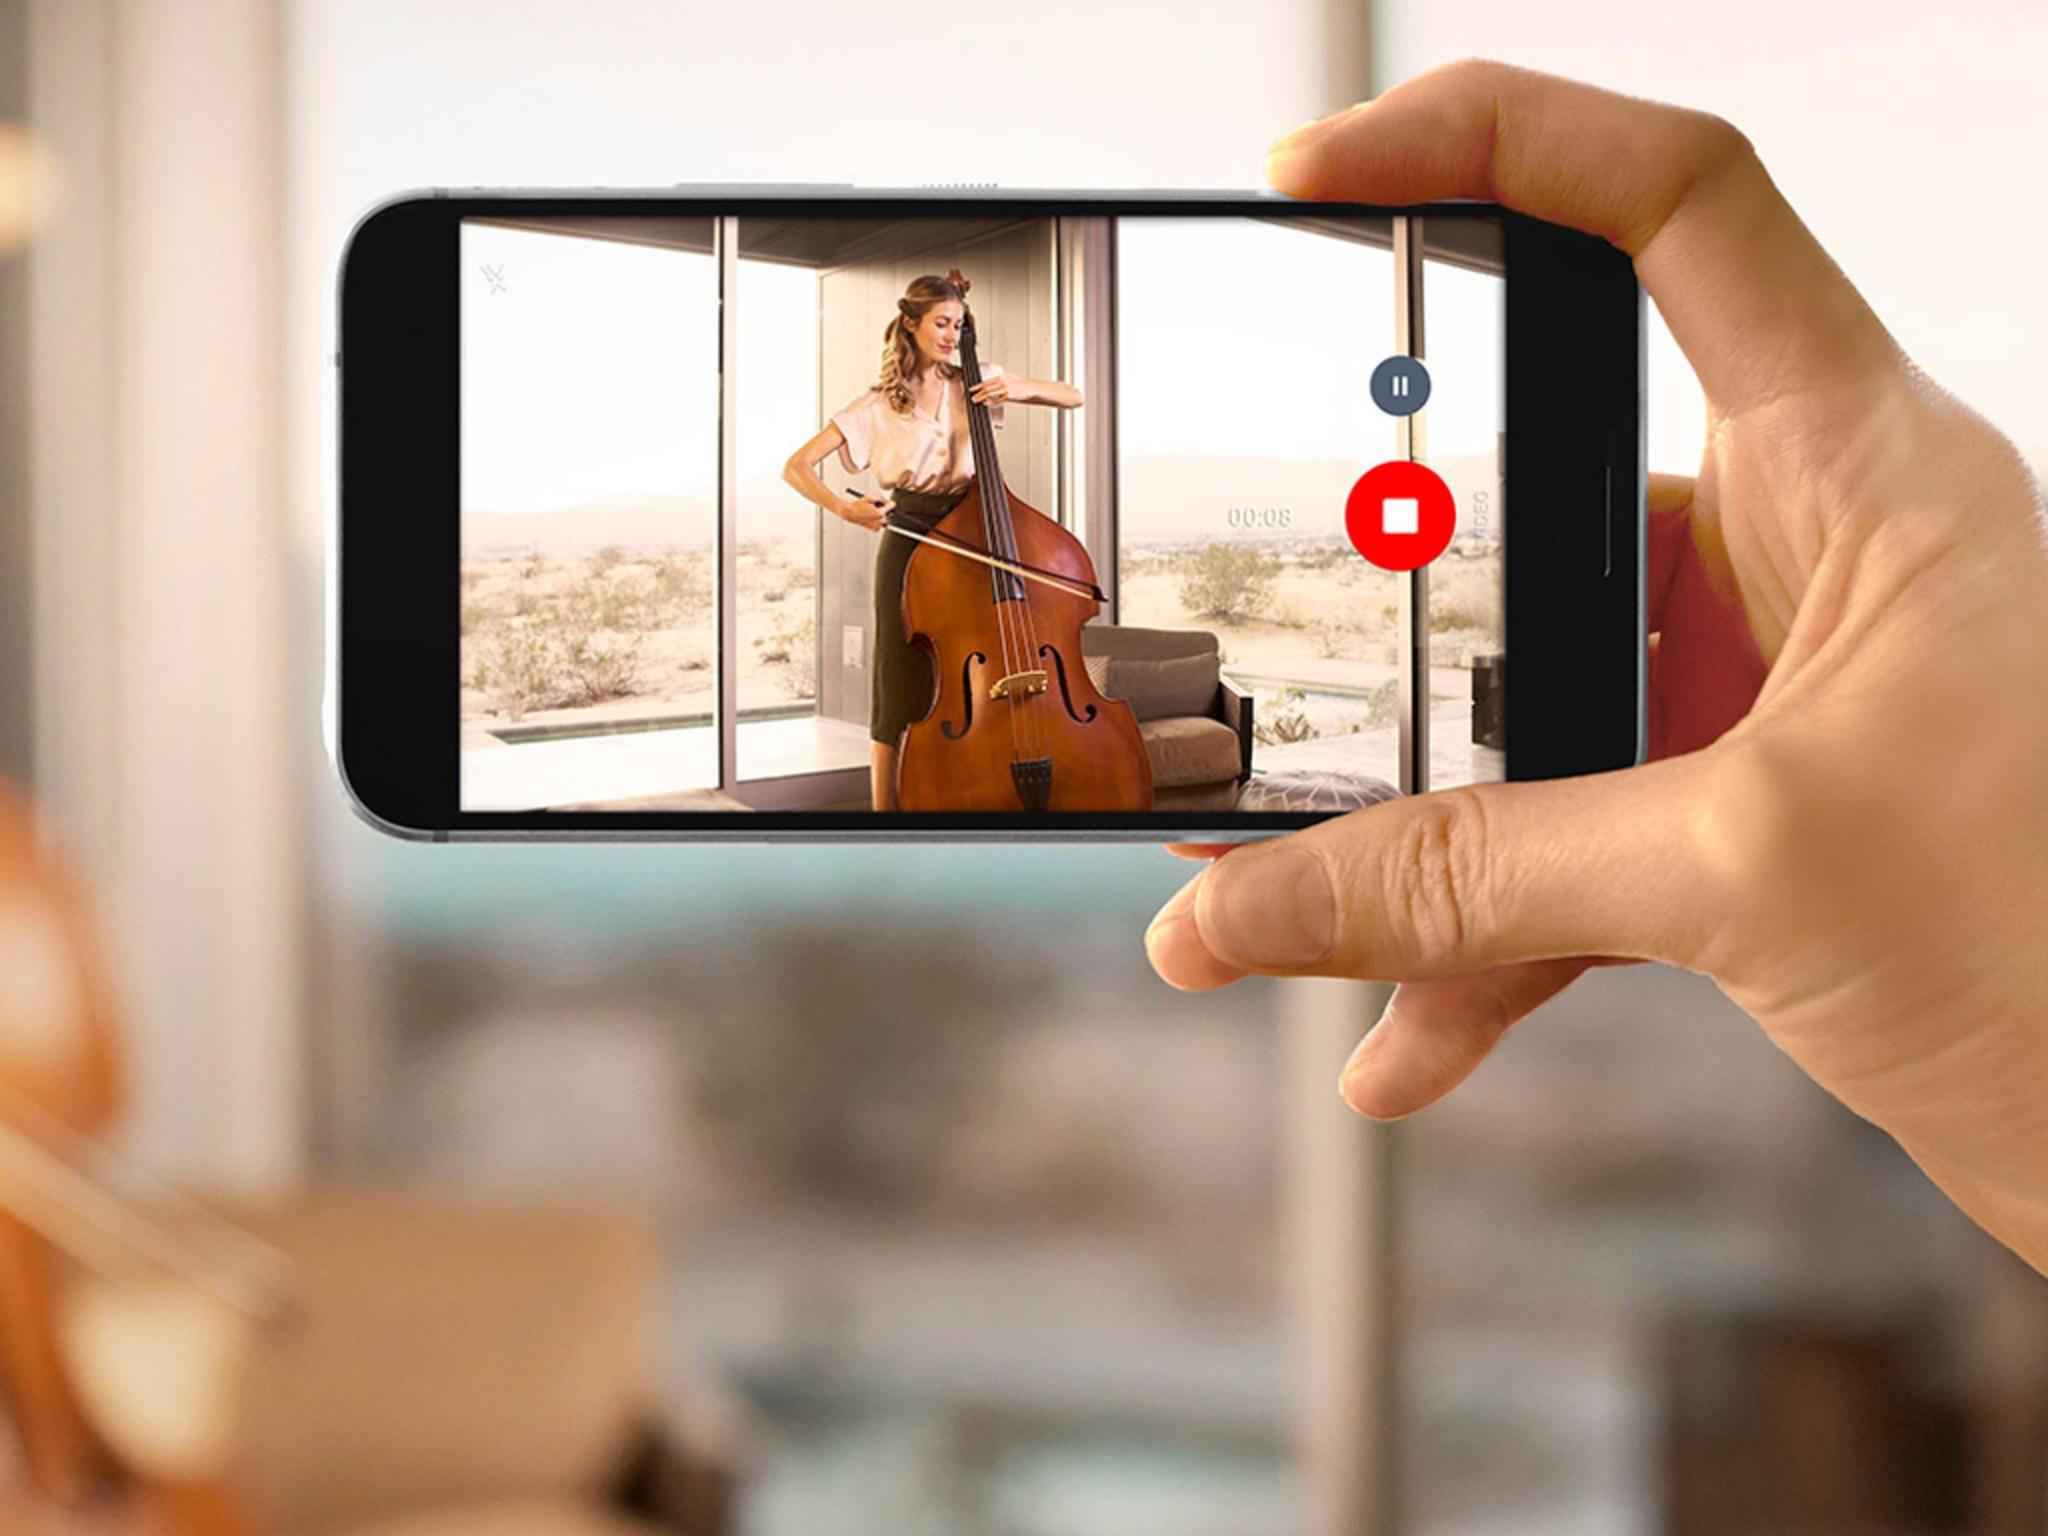 Mit dem HTC 10 will der Hersteller zurück in die Erfolgsspur.